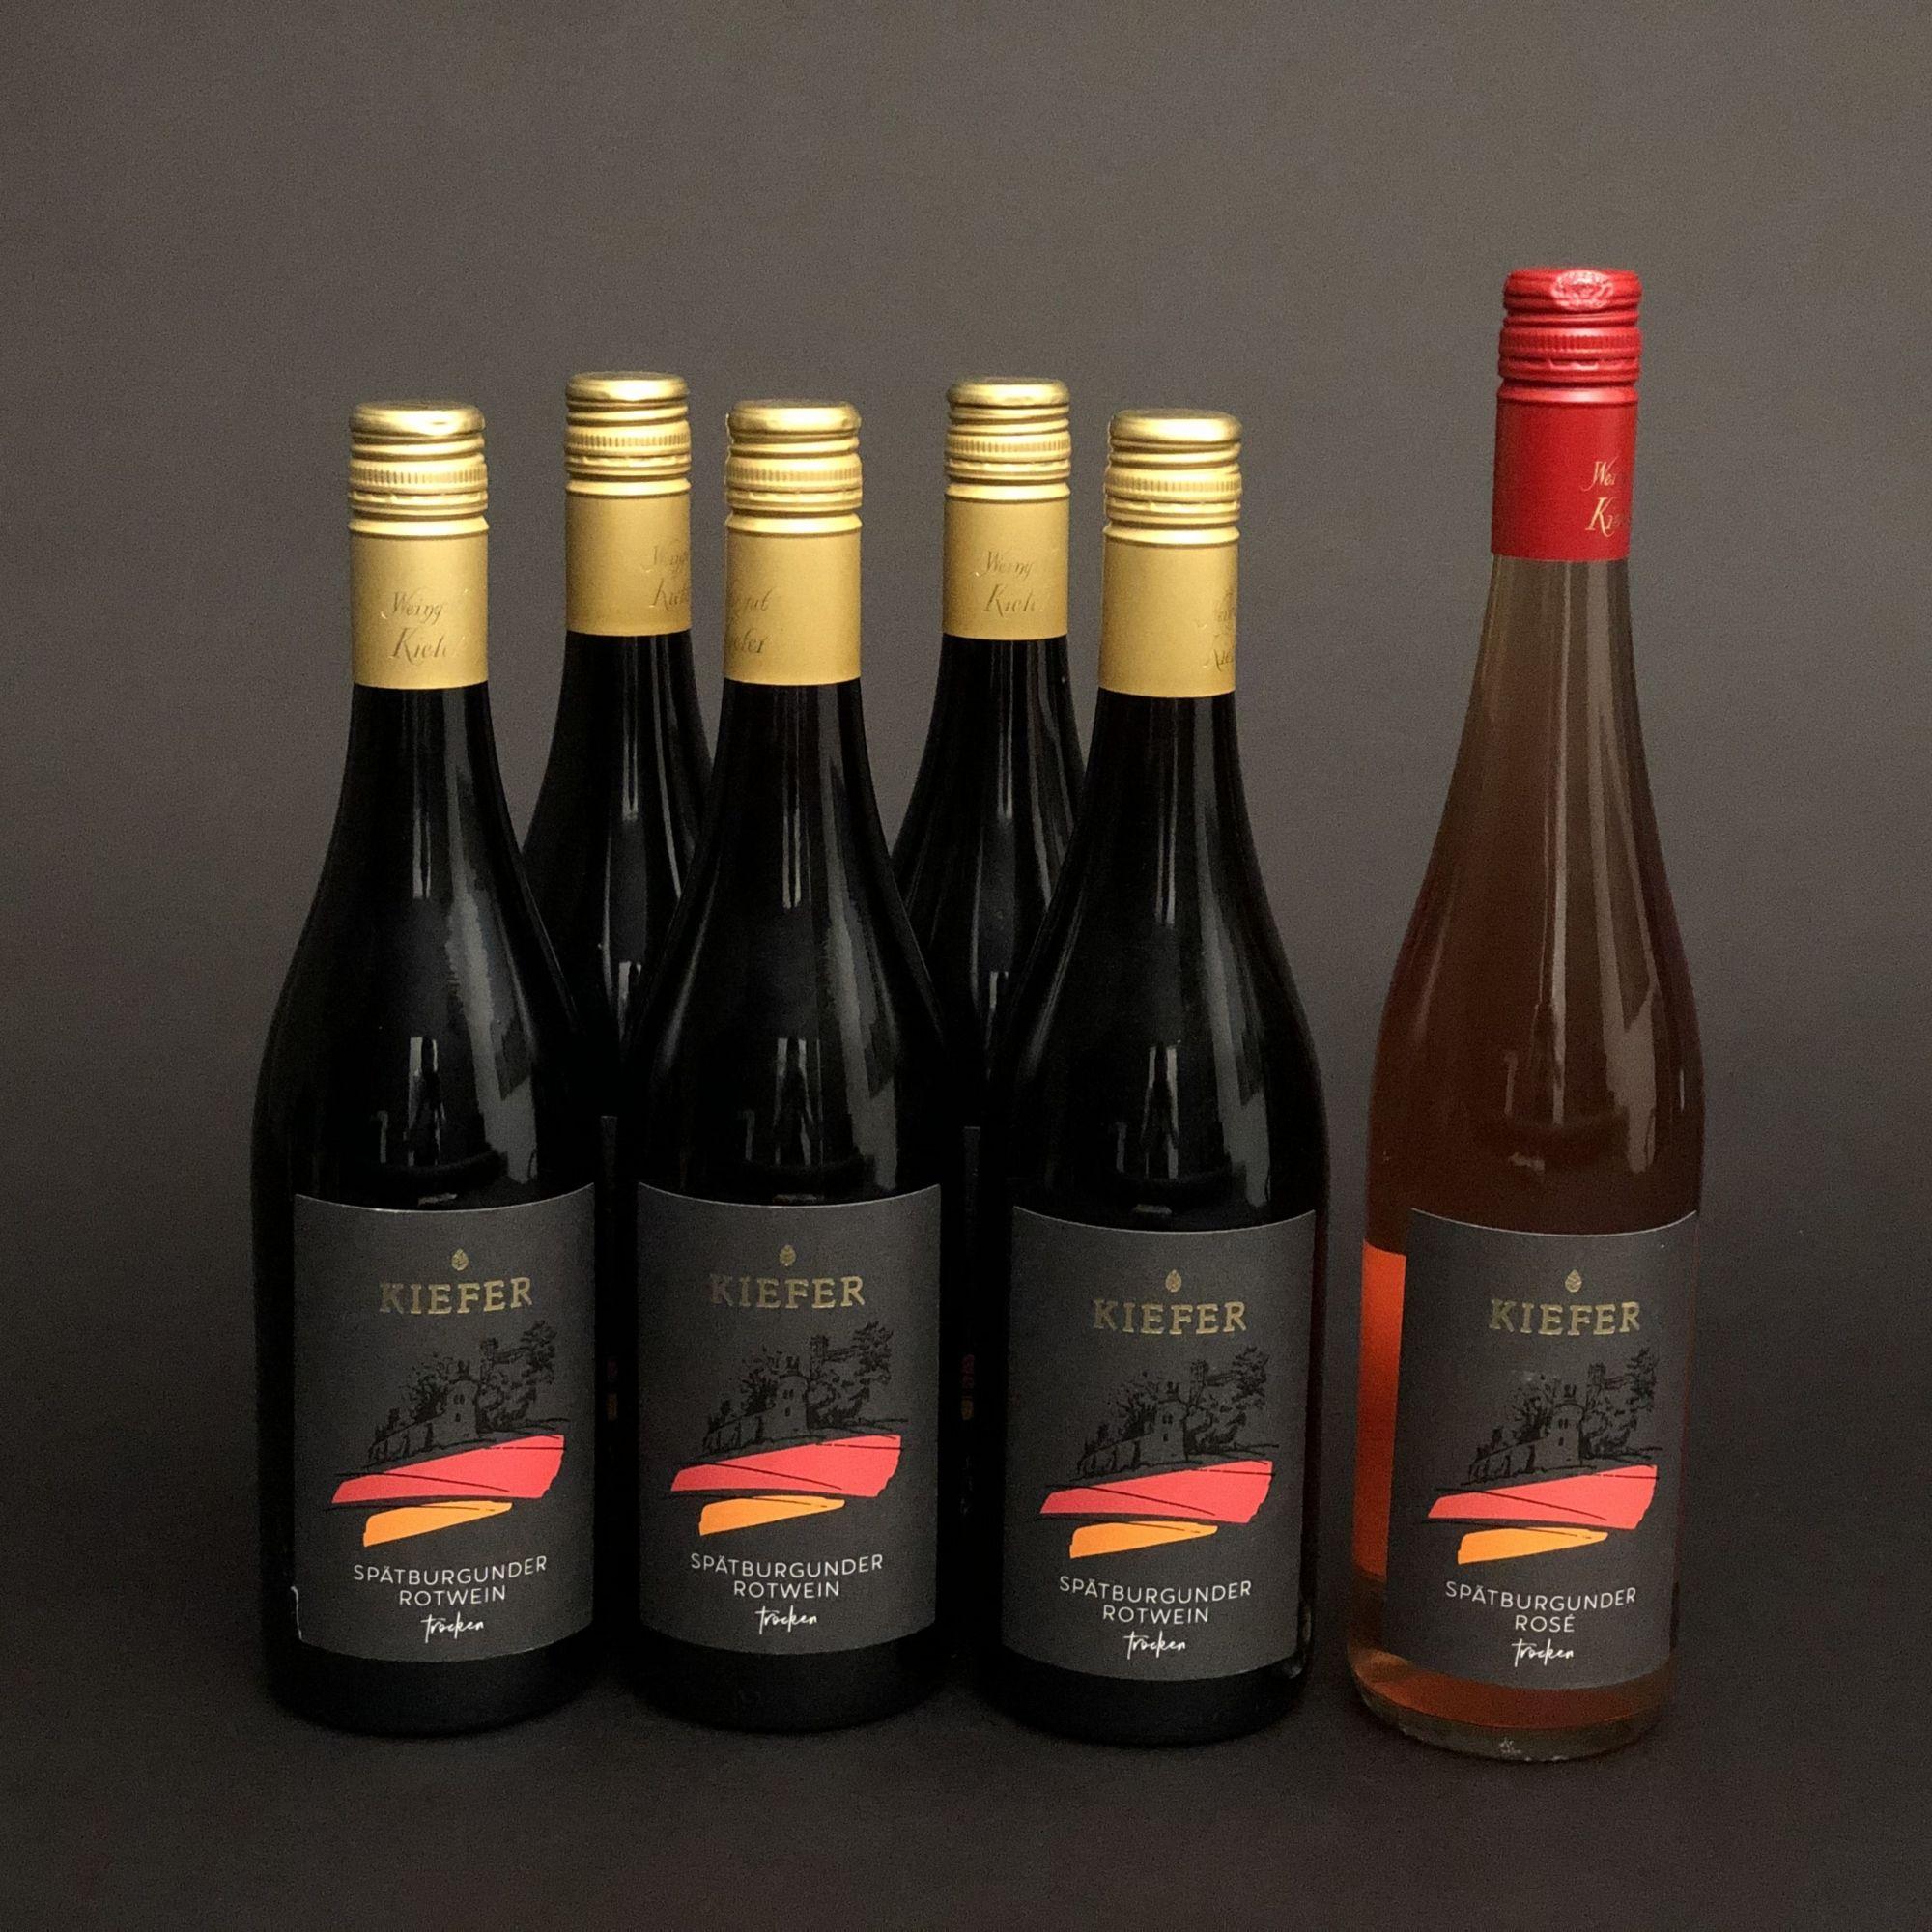 Weingut-Kiefer-Ortenberg-Wein-Rotwein-2018-Probierpaket